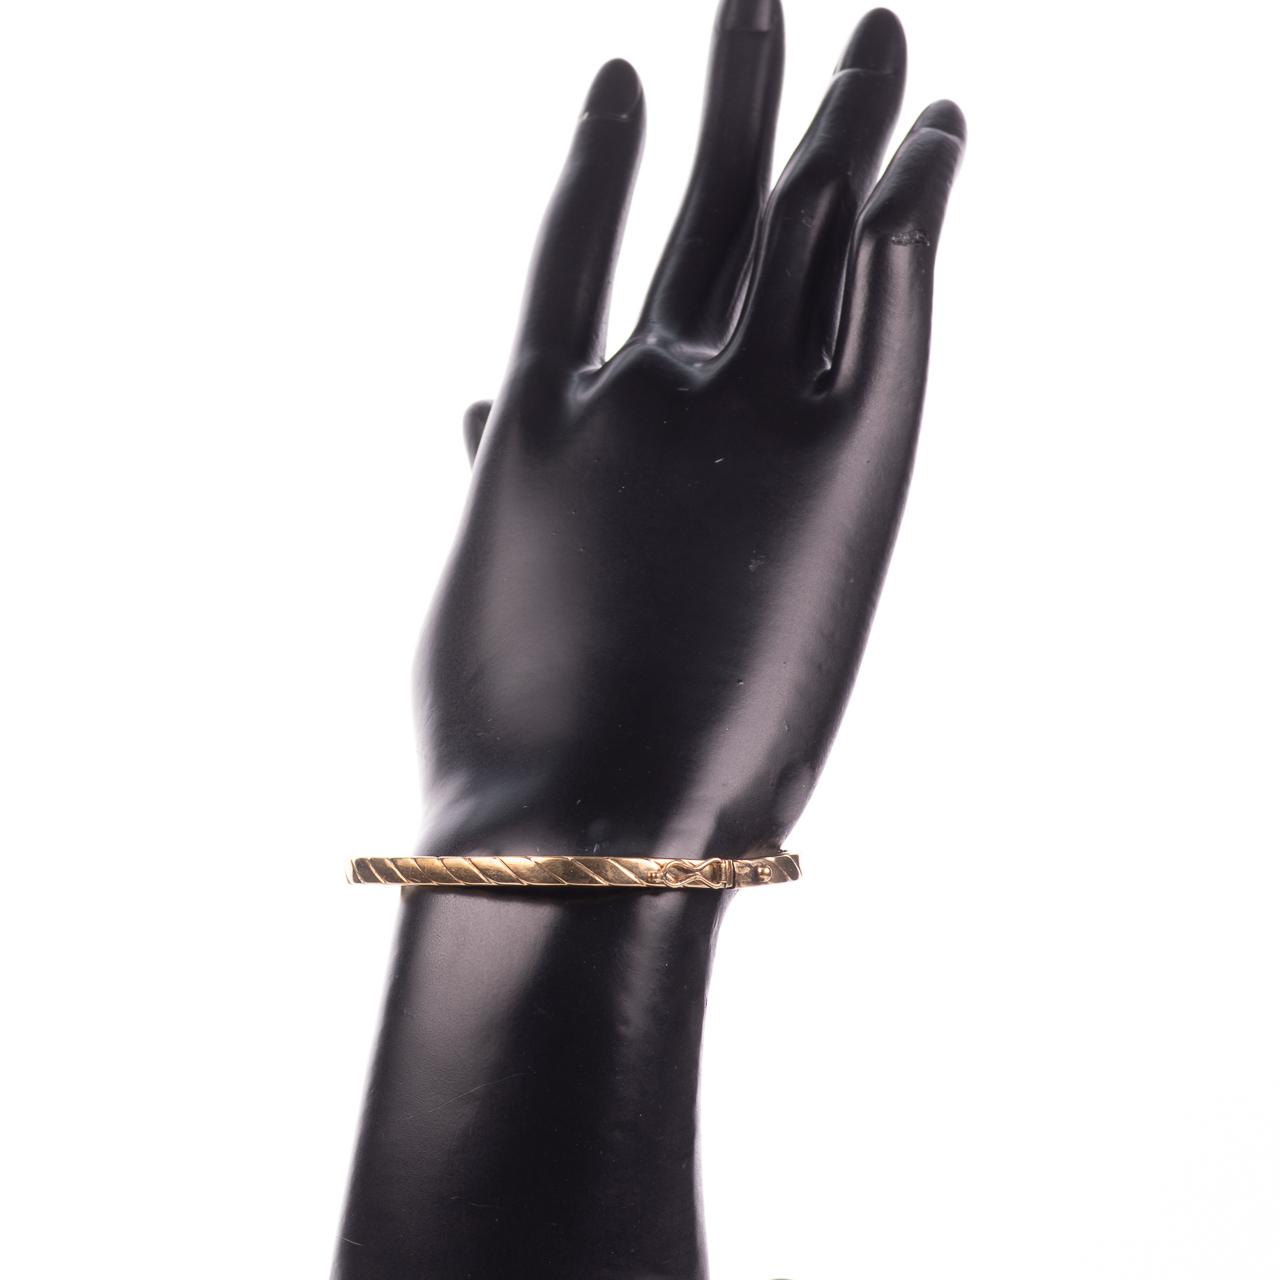 9ct Gold Bangle Bracelet - Image 2 of 6